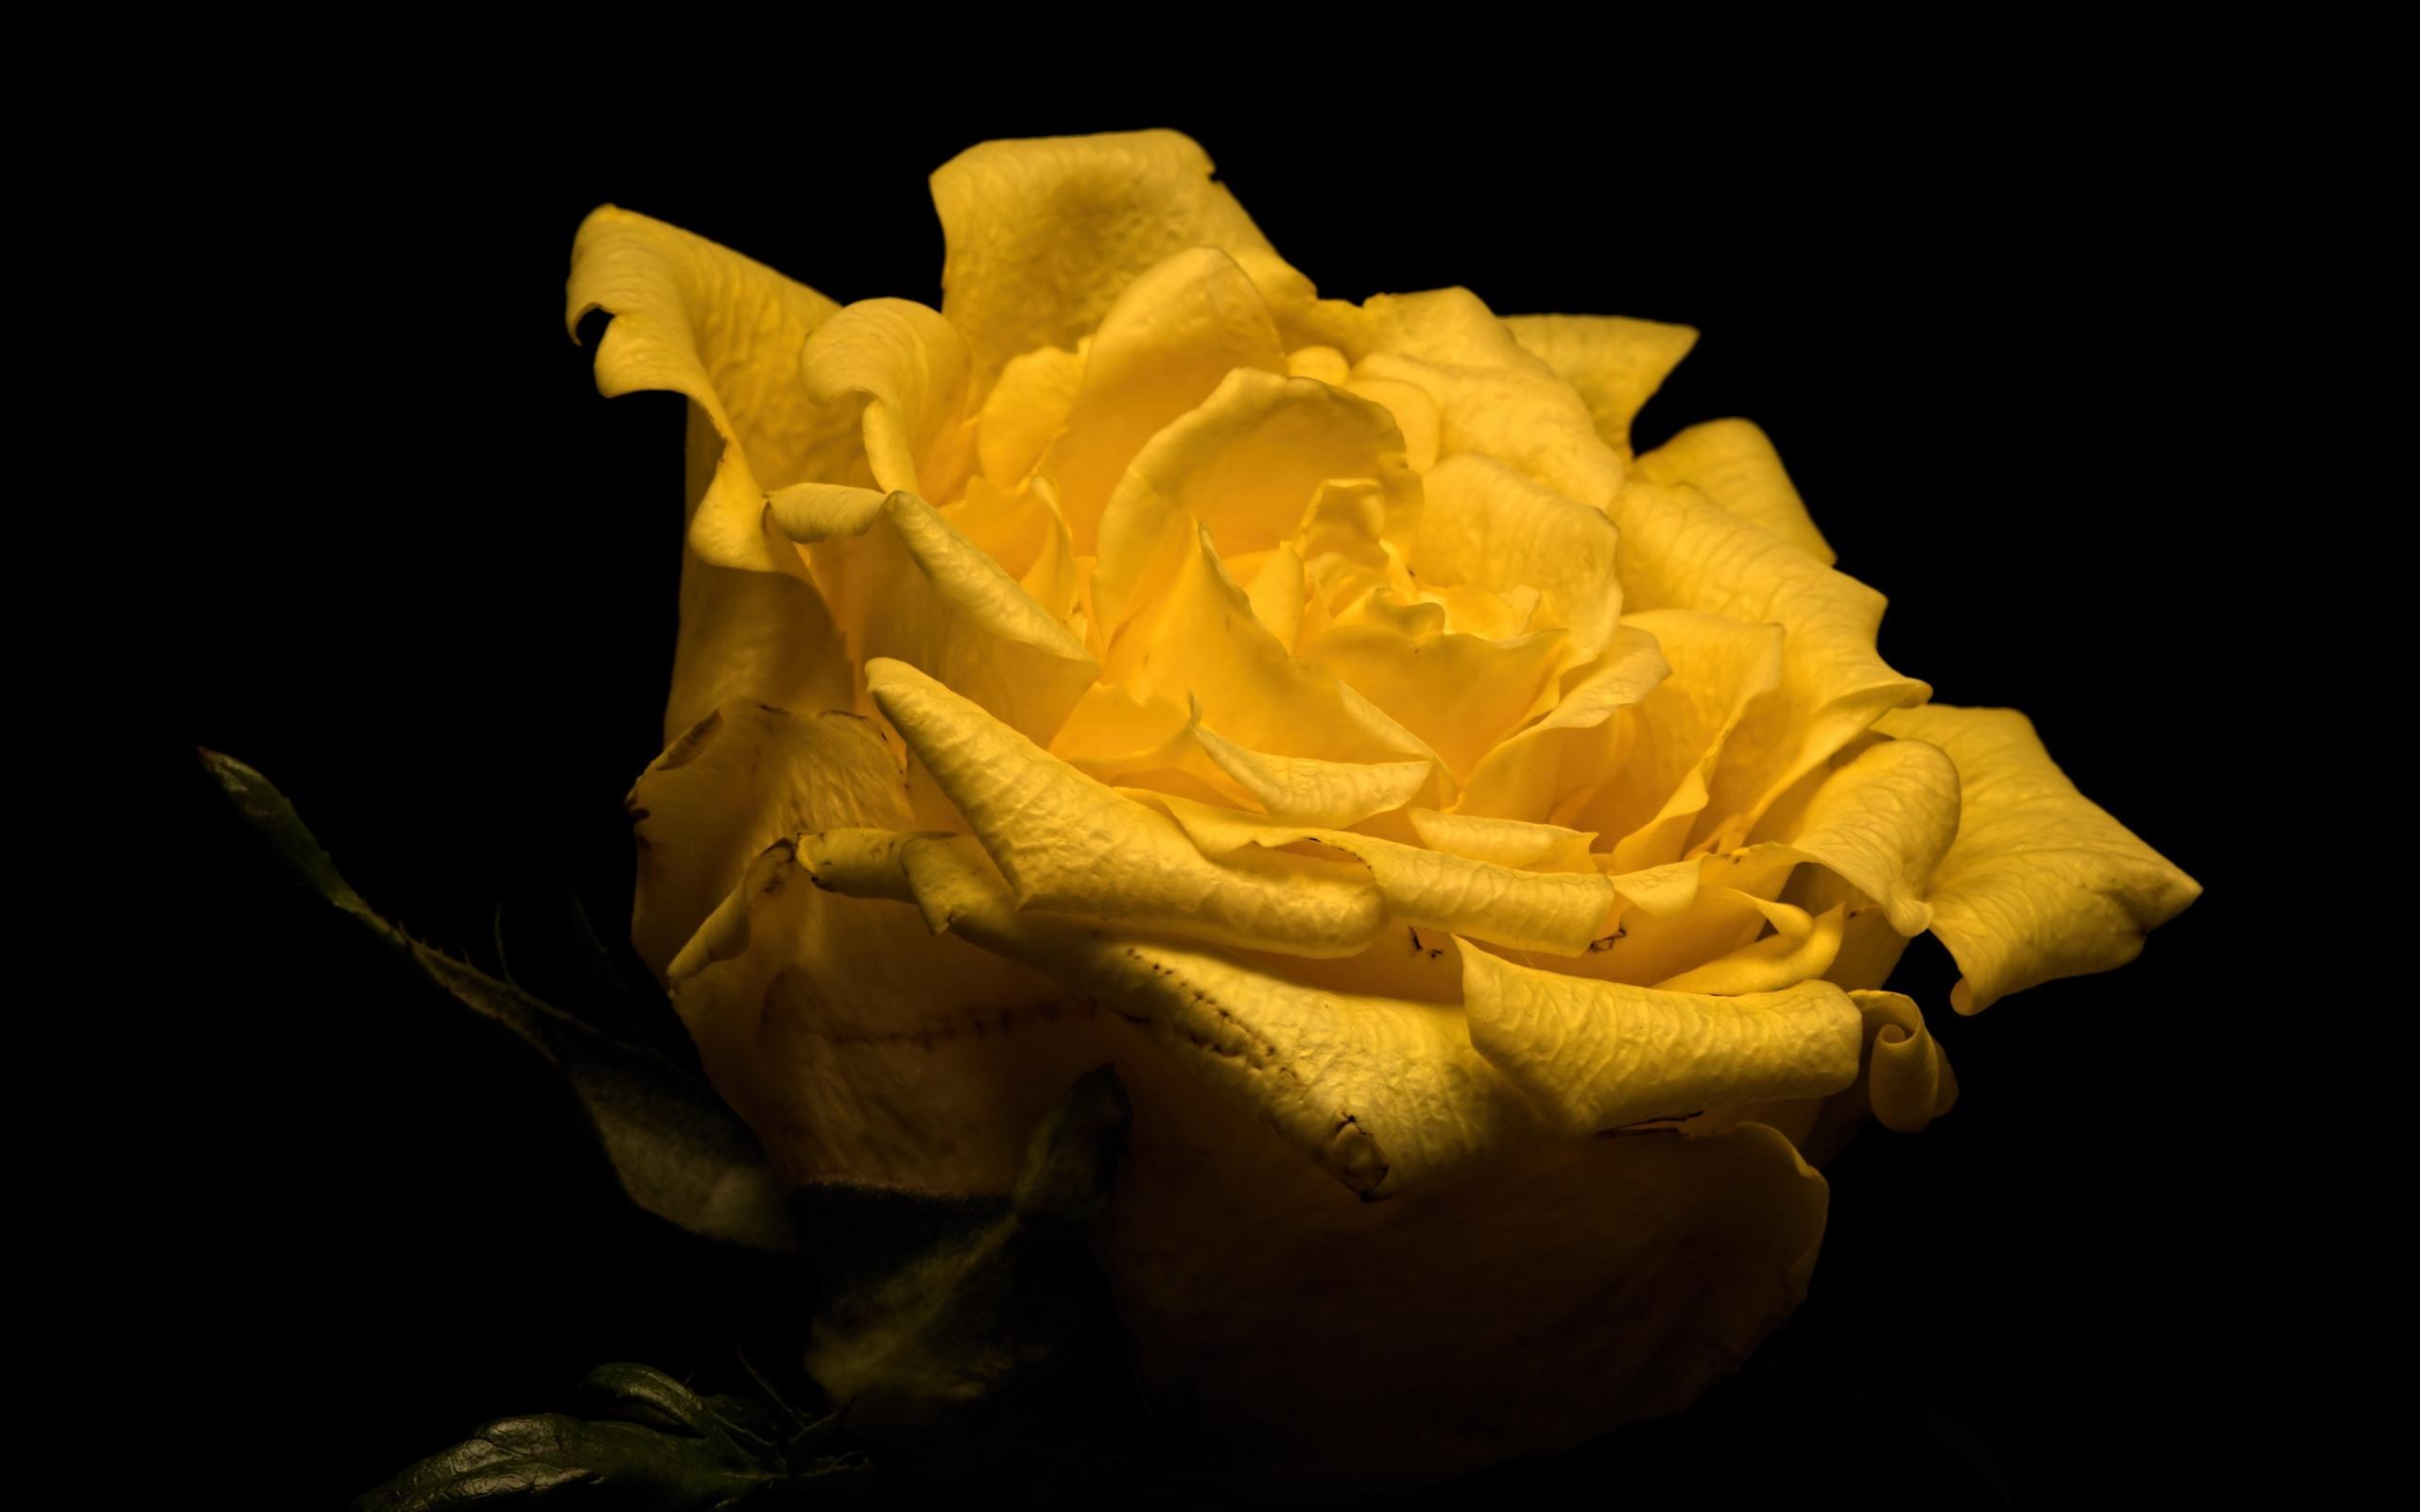 Ссср плакаты, картинки желтая роза на черном фоне